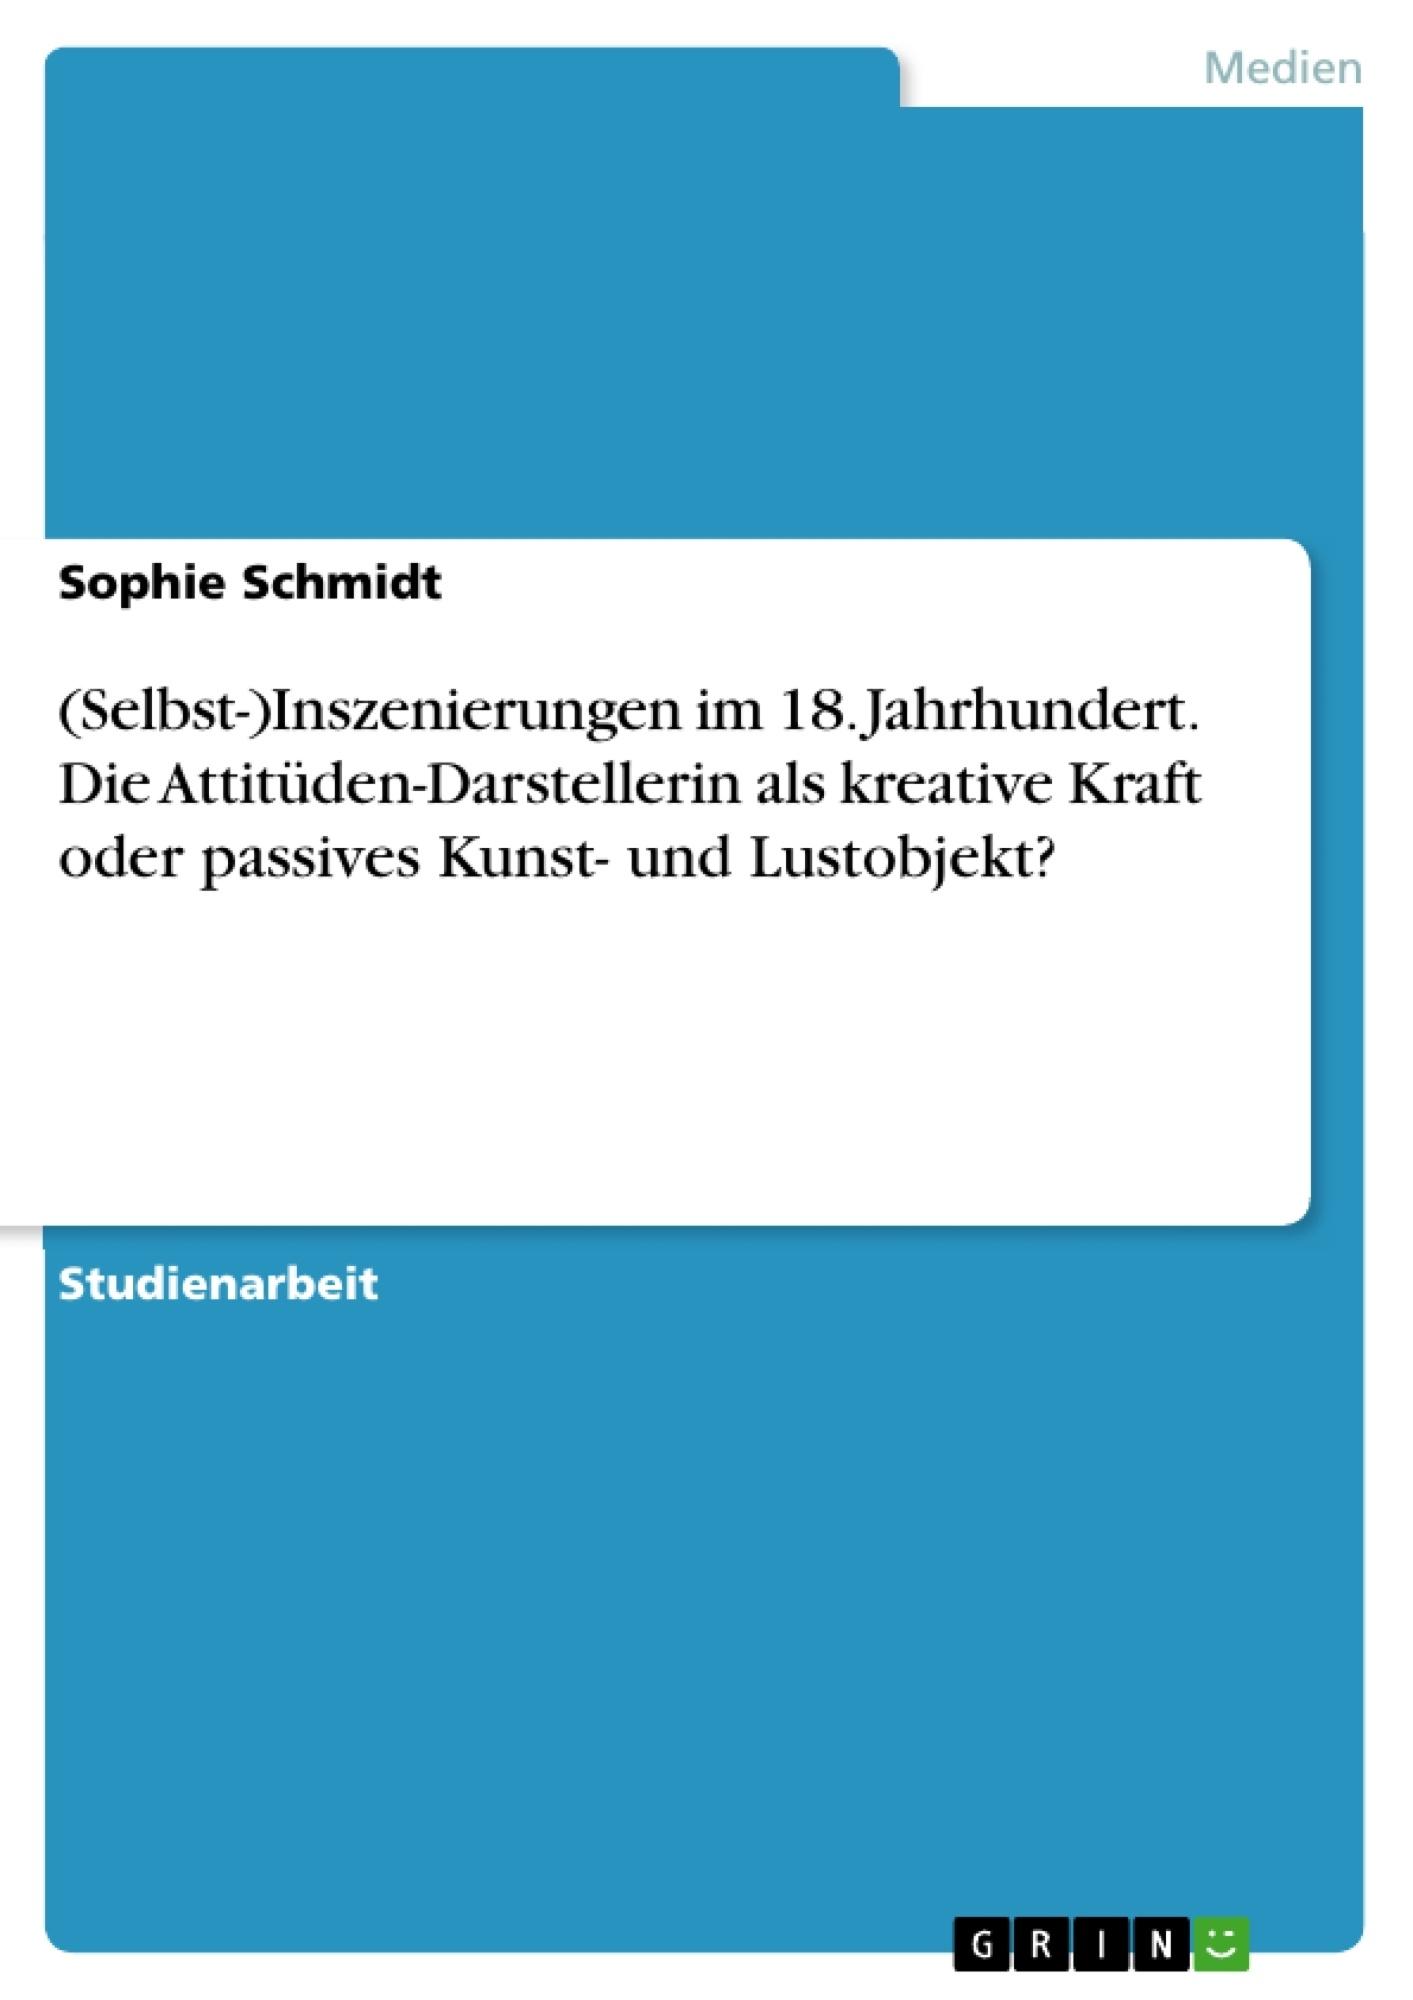 Titel: (Selbst-)Inszenierungen im 18. Jahrhundert. Die Attitüden-Darstellerin als kreative Kraft oder passives Kunst- und Lustobjekt?